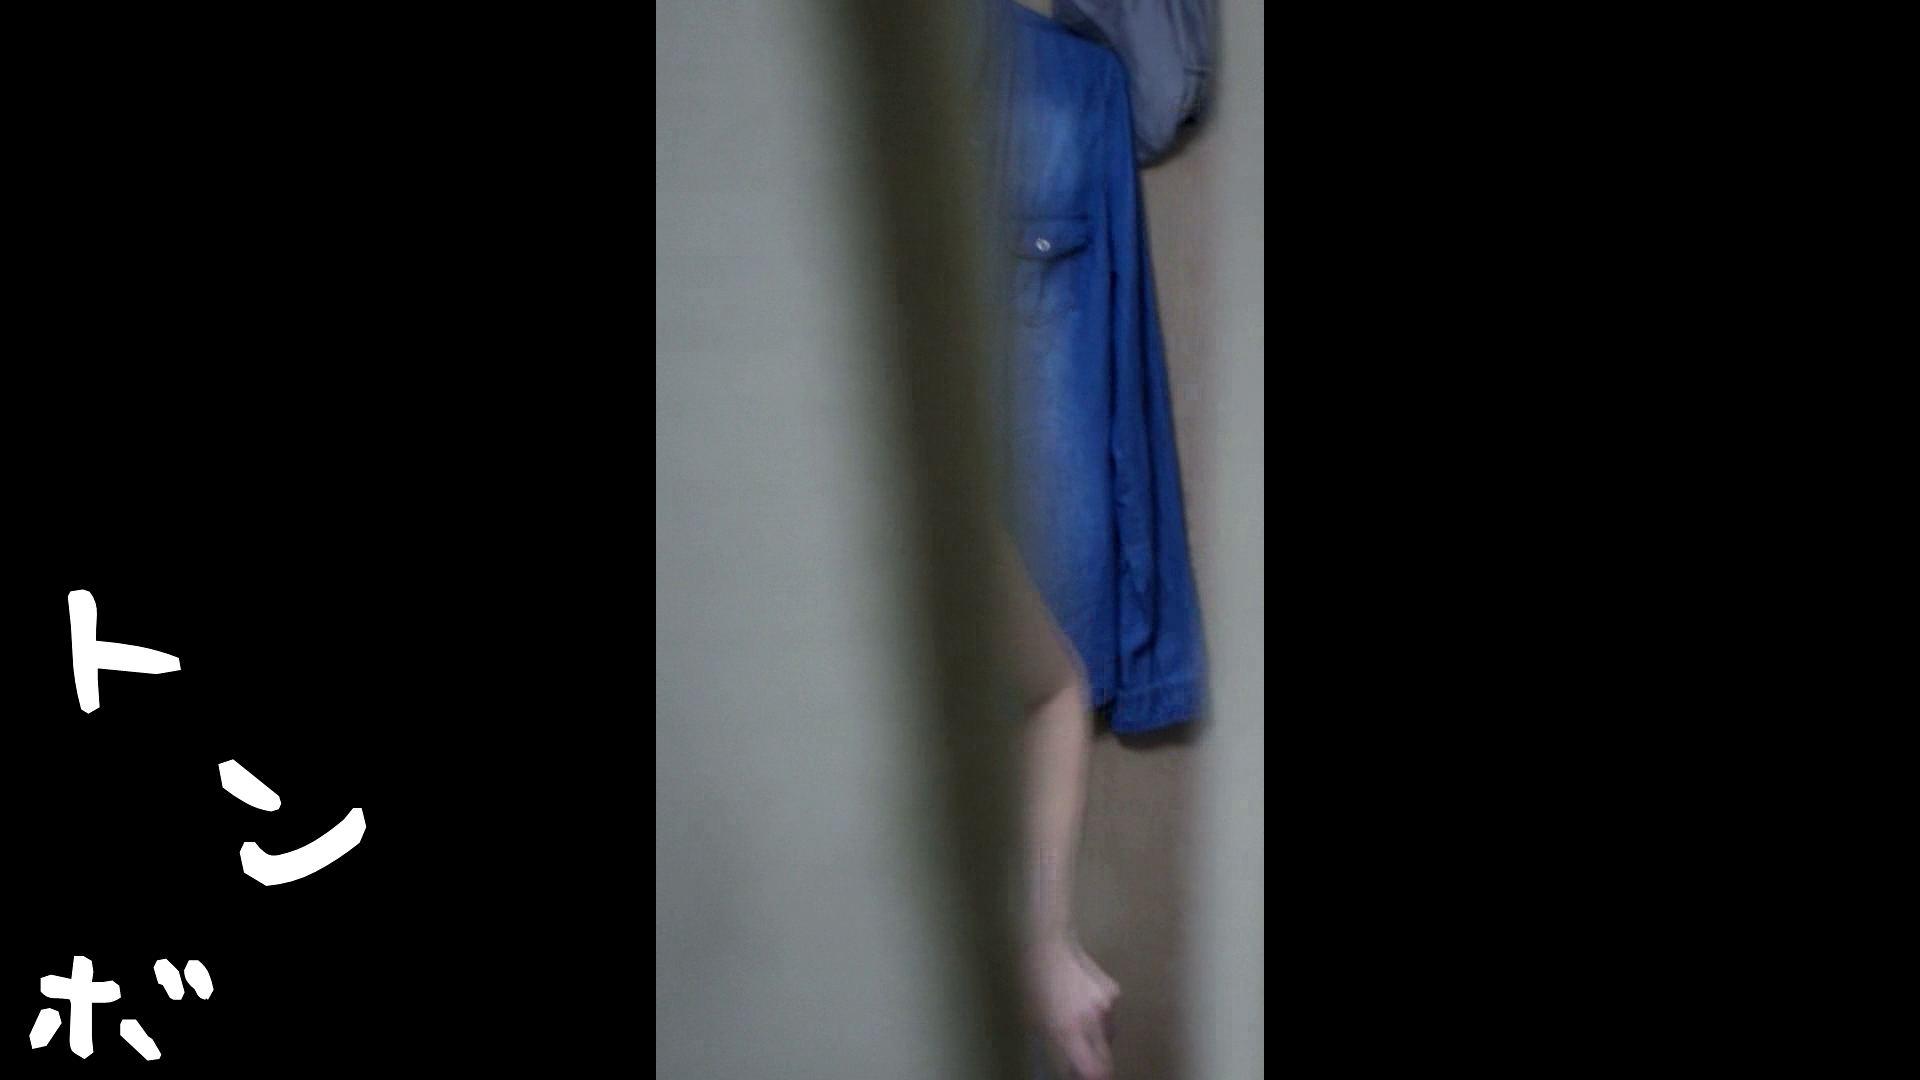 リアル盗撮 北欧留学生一人暮らし部屋ヌード 美女達のヌード   盗撮エロすぎ  102連発 27